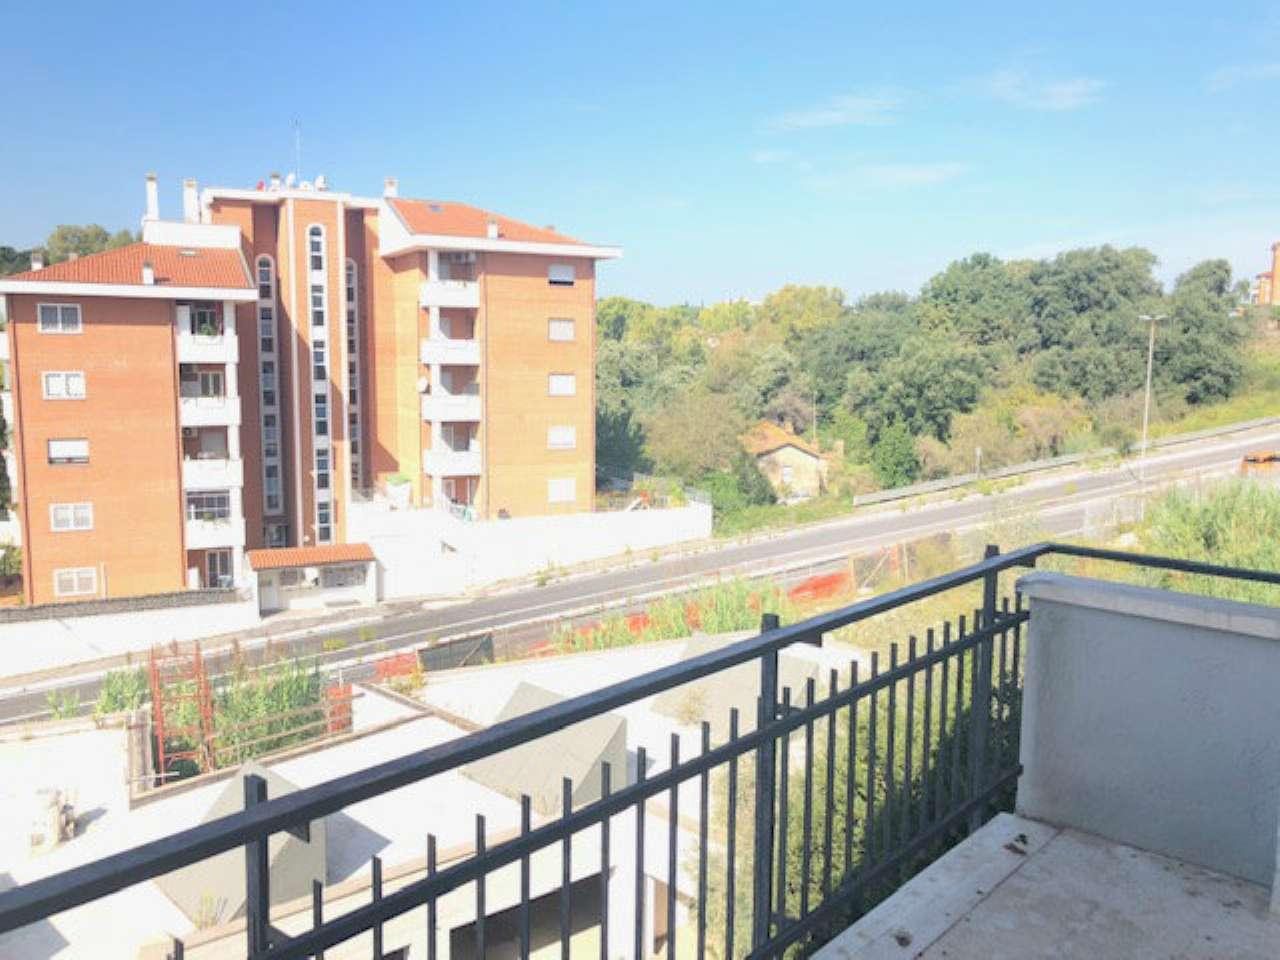 Appartamento in vendita a Roma, 3 locali, zona Zona: 24 . Gianicolense - Colli Portuensi - Monteverde, prezzo € 249.000   CambioCasa.it